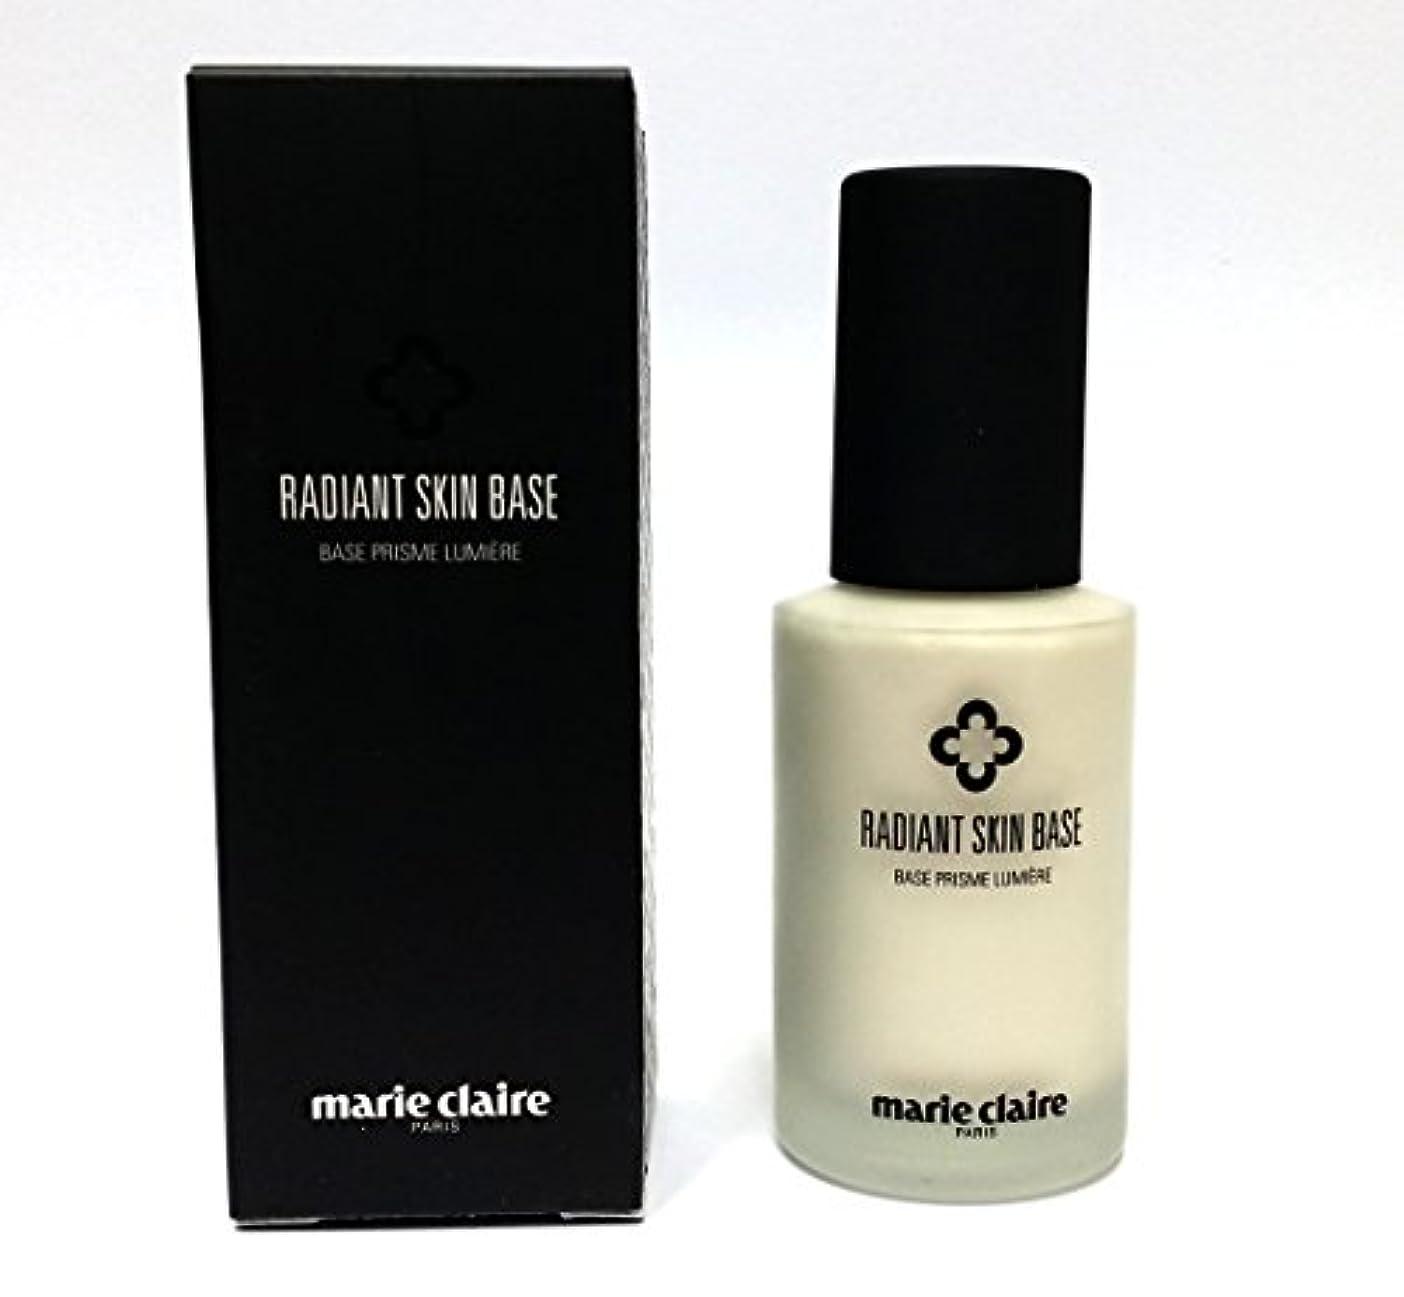 妨げる主導権あえて[Marie Claire] ラディアントスキンベース30ml / Radiant Skin Base 30ml / 皮膚の傷はカバー / skin blemishes cover / ソフト、水分、絹のような / soft,Moisture,silky / 韓国化粧品 / Korean Cosmetics [並行輸入品]